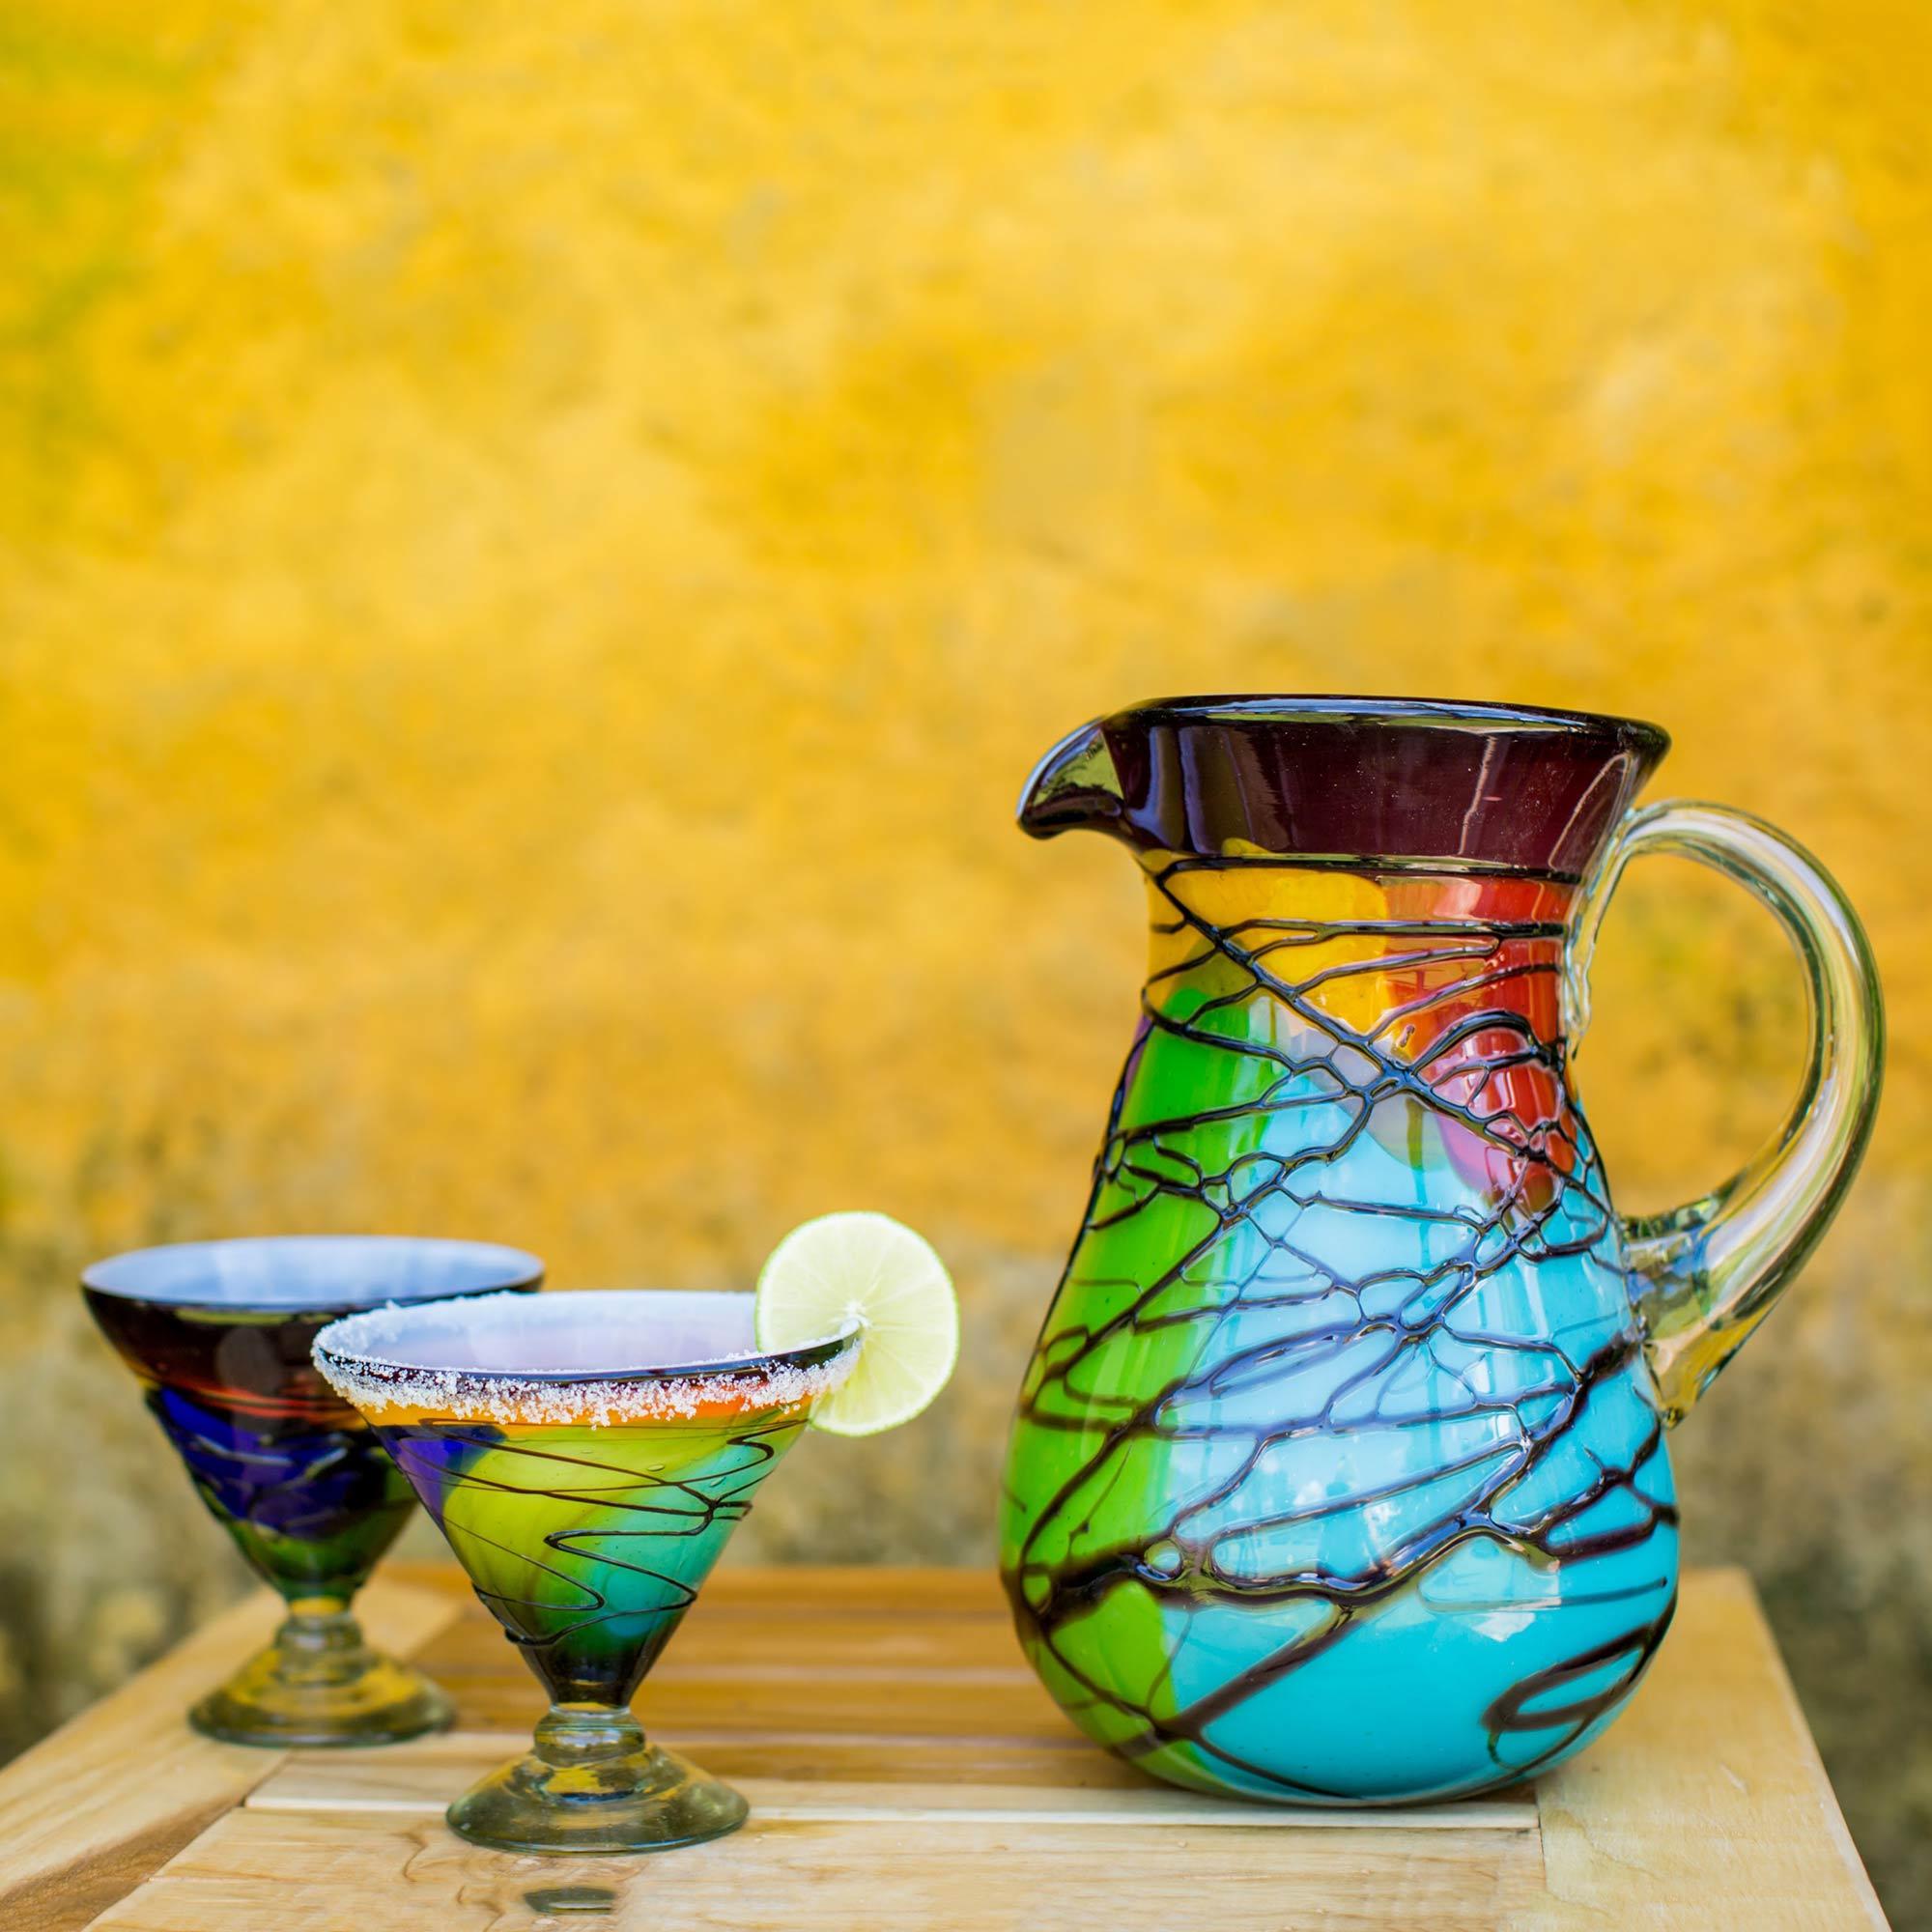 Vizz Mexican Multicolored Blown Glass 8 oz Martini Glasses Fair Trade Hostess Gift